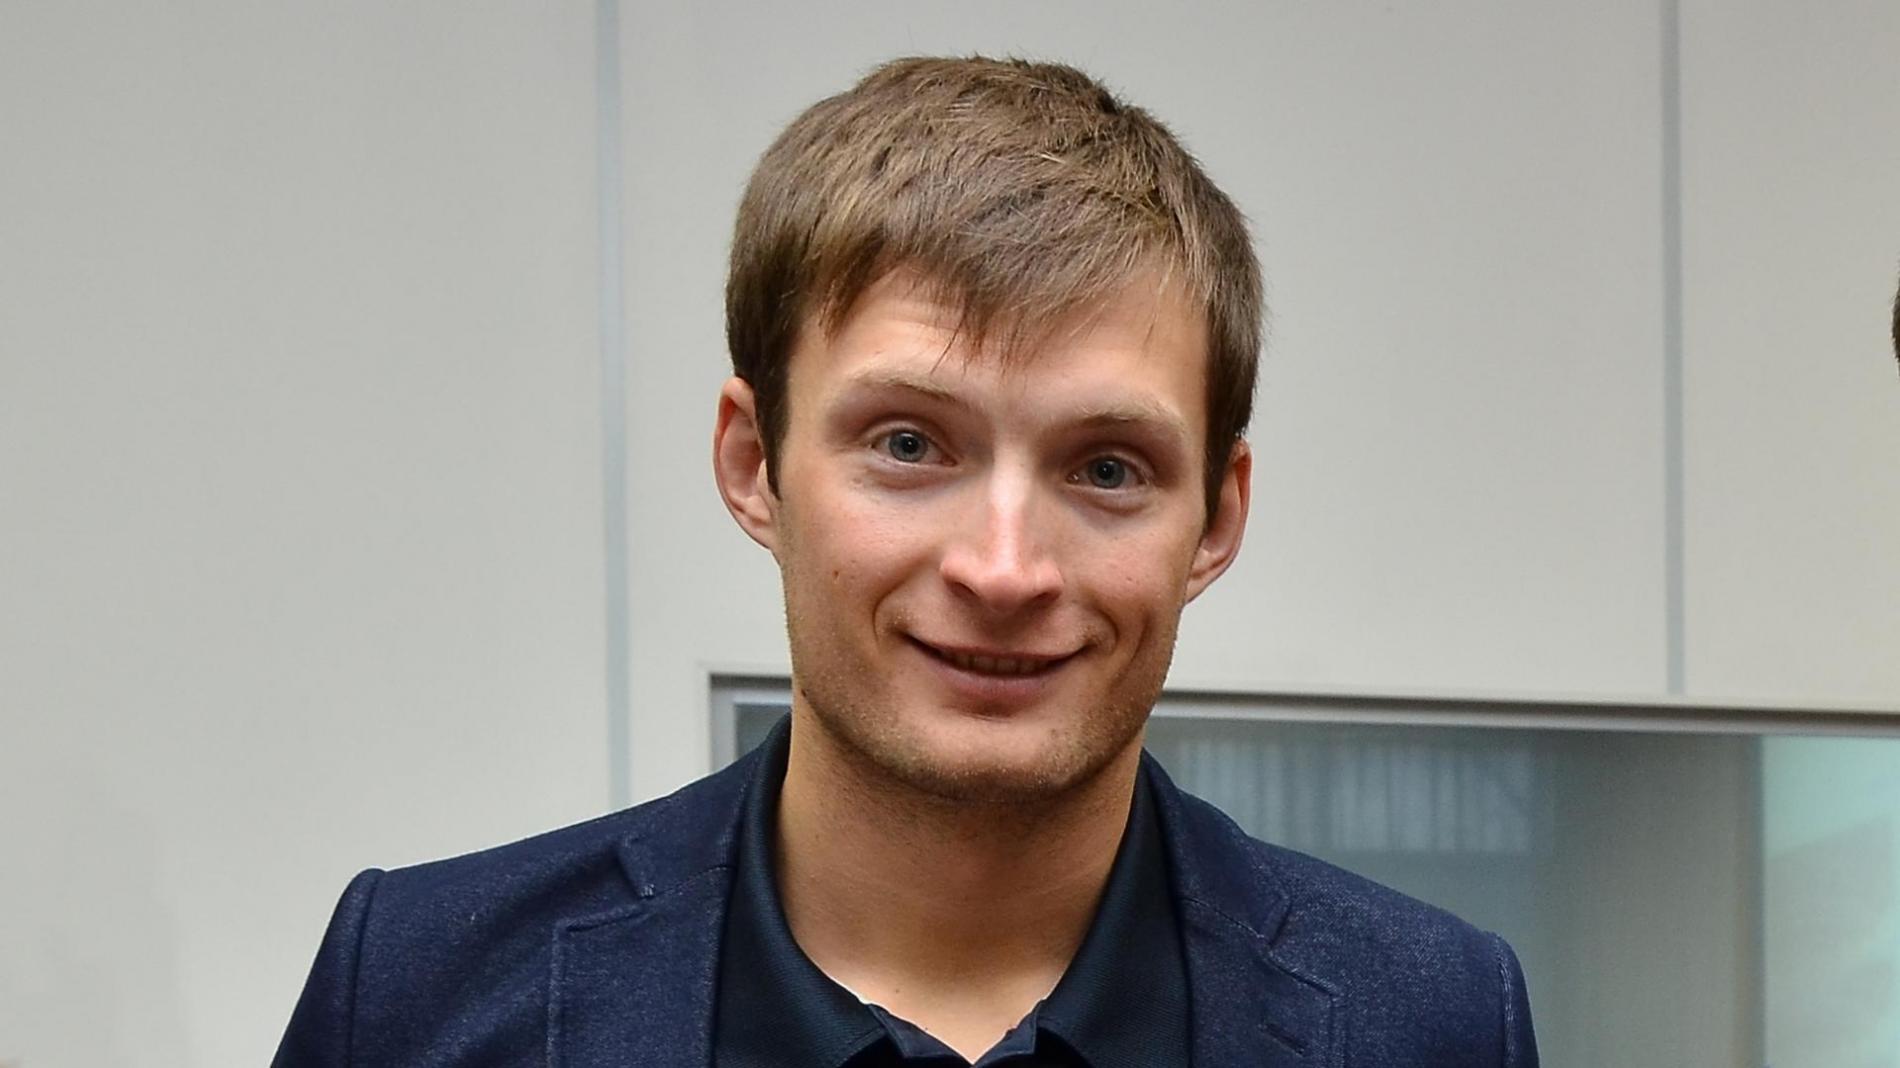 Расторгуев— вице-чемпион мира побиатлону среди военнослужащих